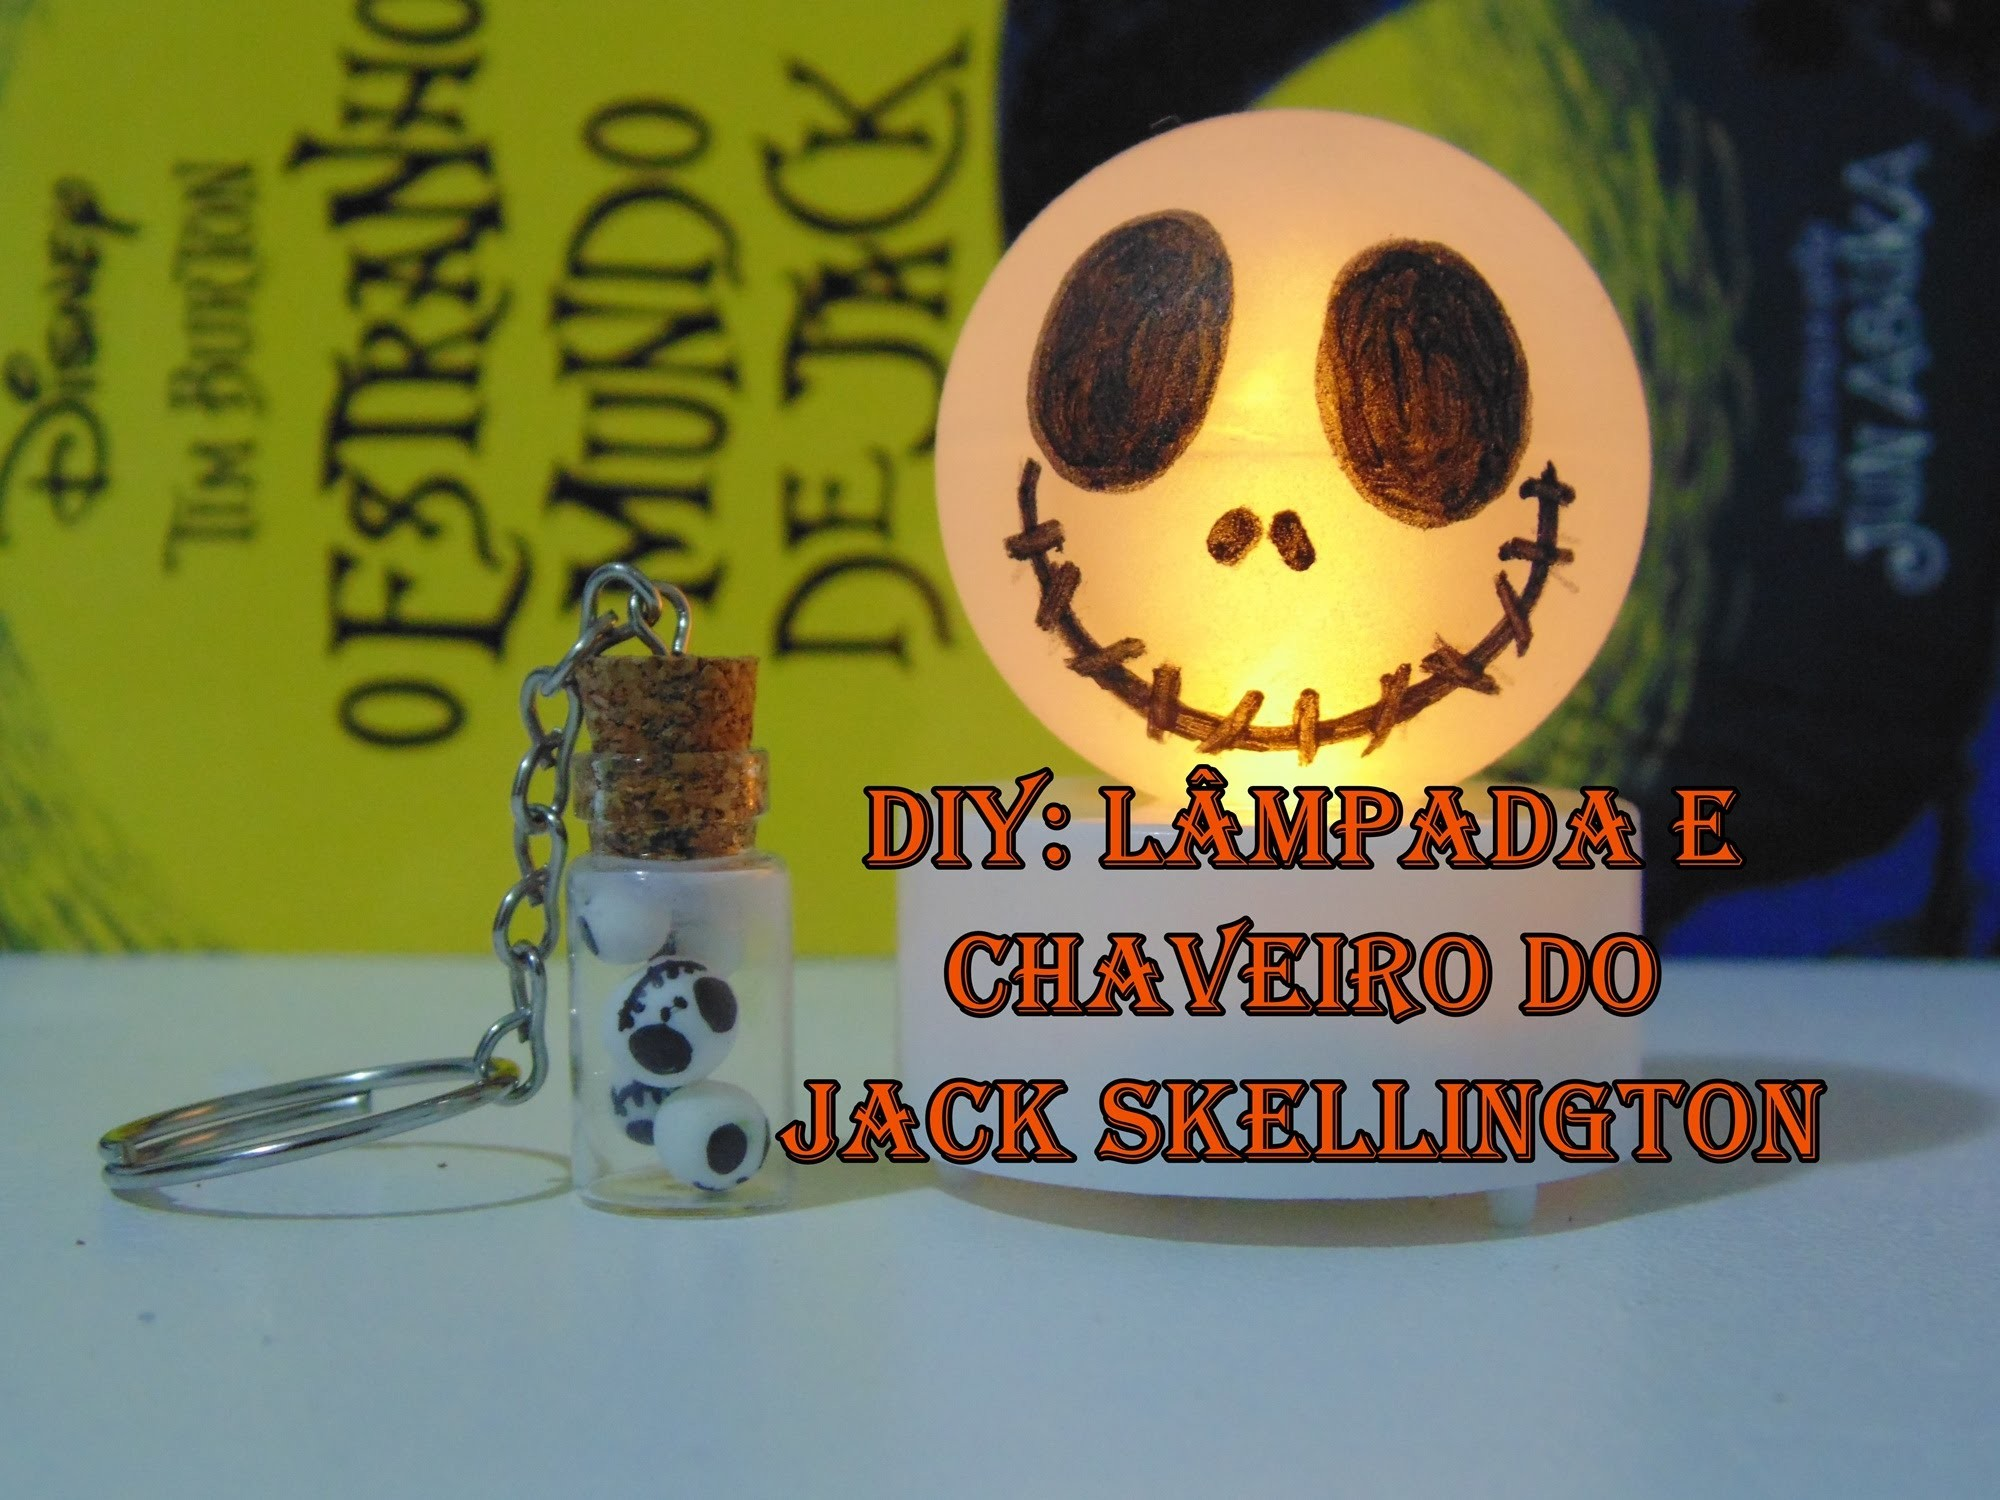 DIY Lampada e Potinho do Jack Skellington